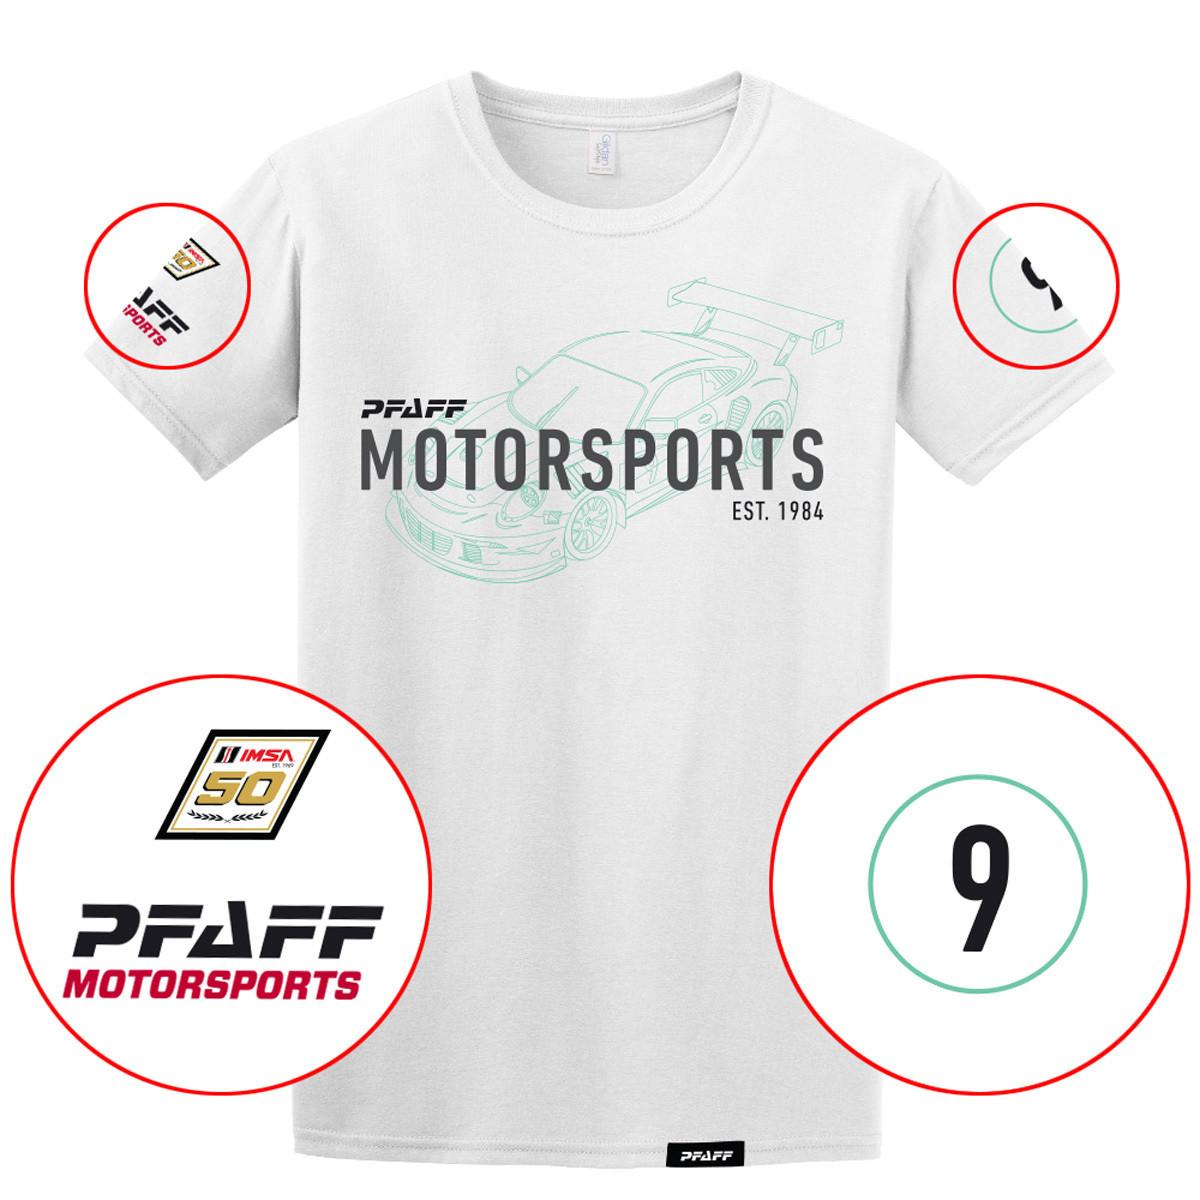 Pfaff Racing /IMSA 50th Anniversary Performance Tee - White